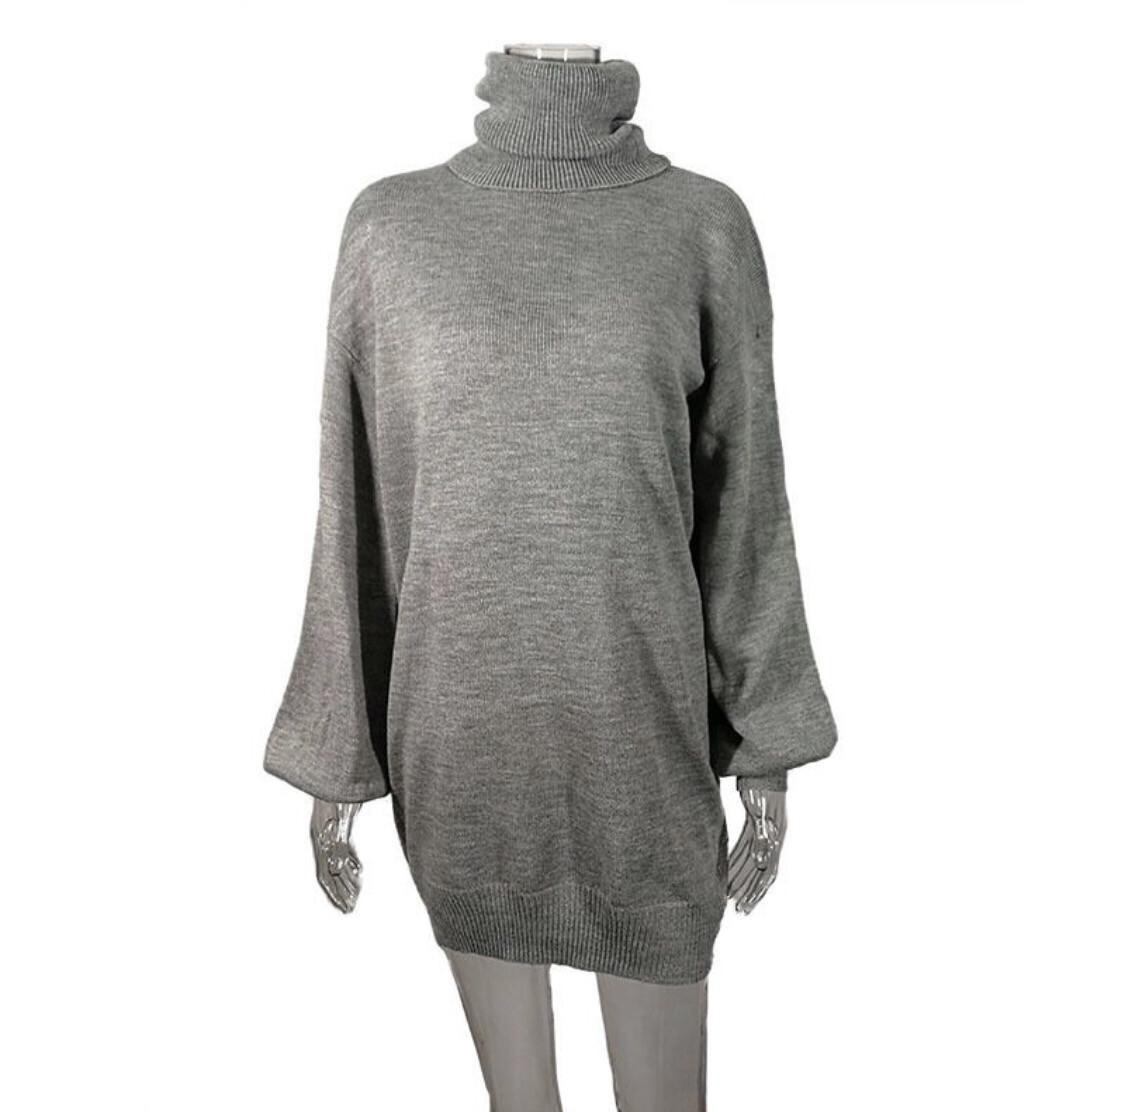 EW knitwear turtleneck Long Sleeve . Knitted sexy sweater dress